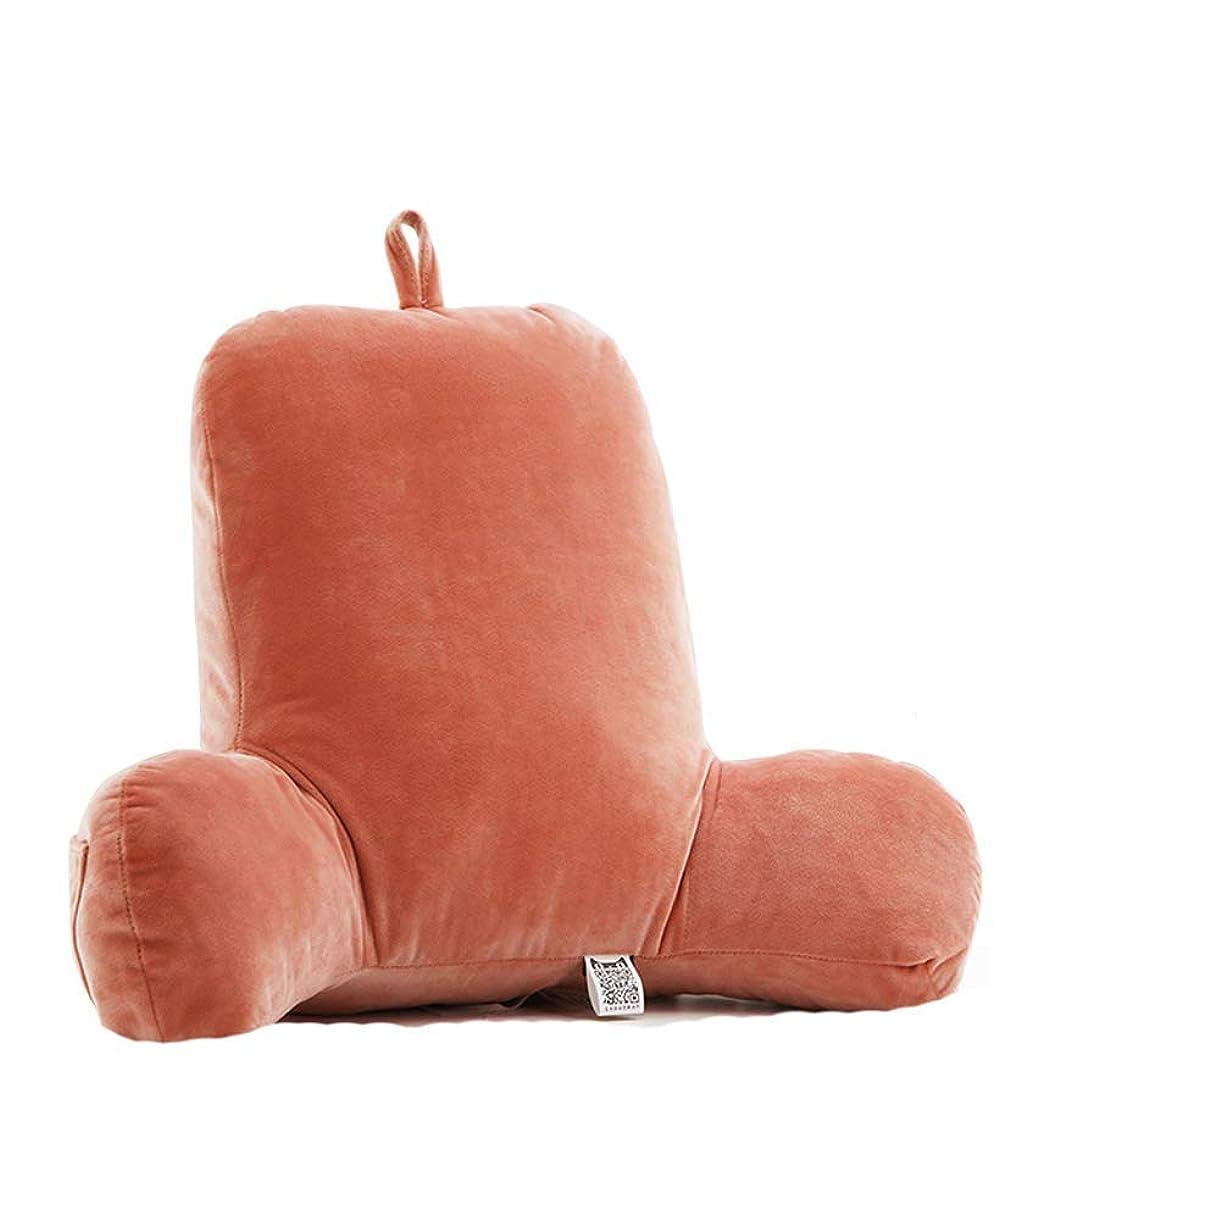 派生するユーザーパーチナシティランバーサポートクッション ベッド用 背もたれクッション 腰に優しい 座椅子 読書/TV ソファー腰まくら 腰痛クッション 洗える カバー取外す可能 レストクッション 抱き枕 妊婦 腰枕、腰椎枕、読書枕、背もたれ枕、モダンシンプルアームサポート 55x42x20cm (ピンク)